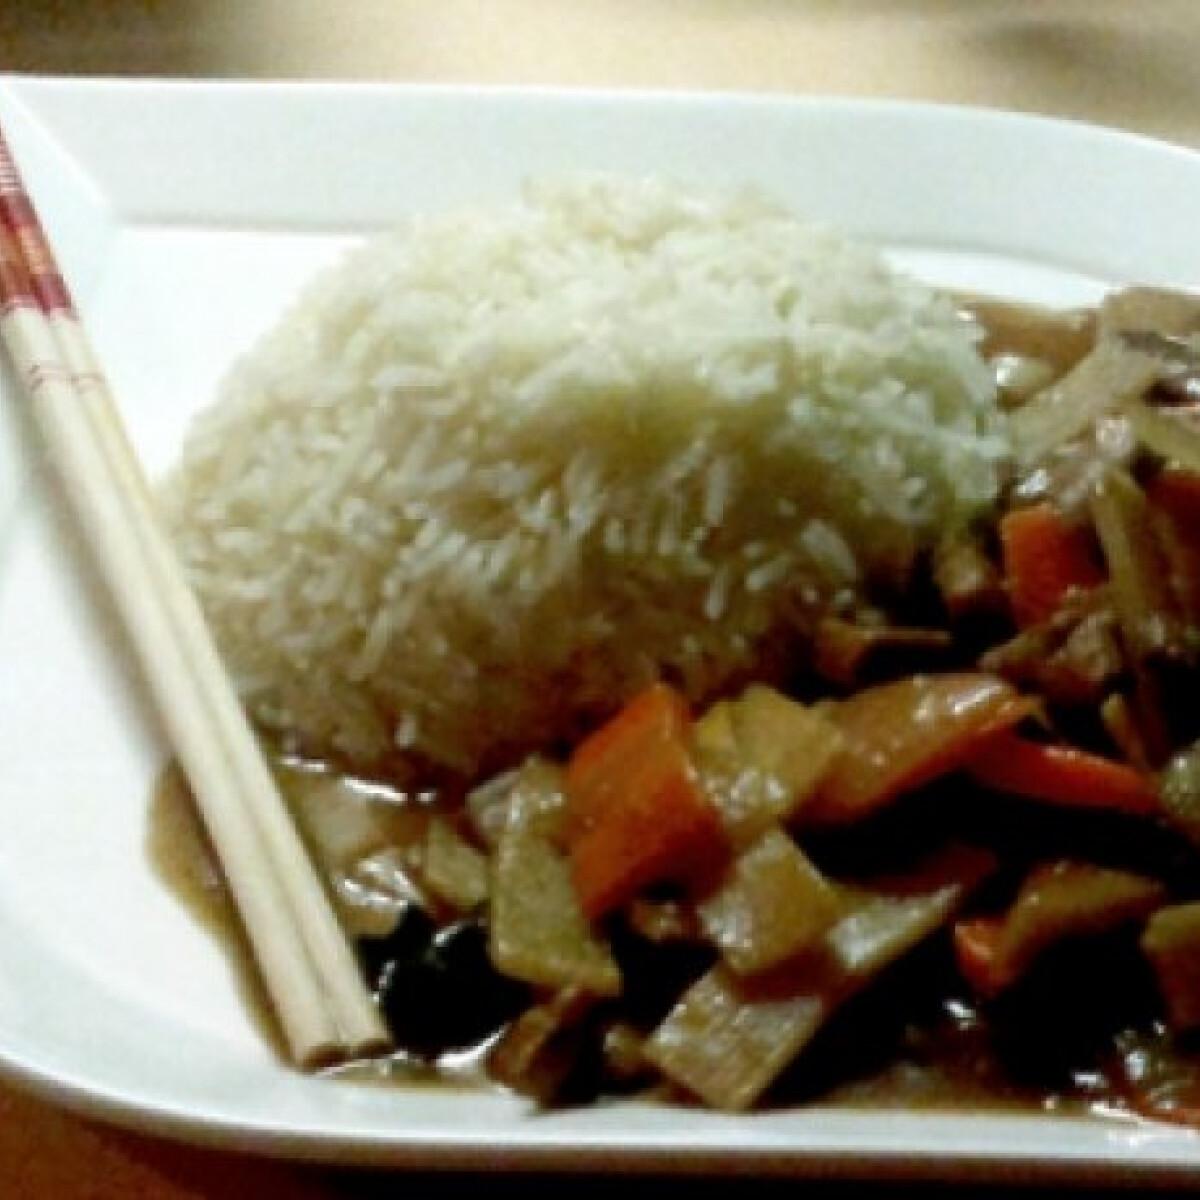 Ezen a képen: Kínai sertéshús Mercedestől